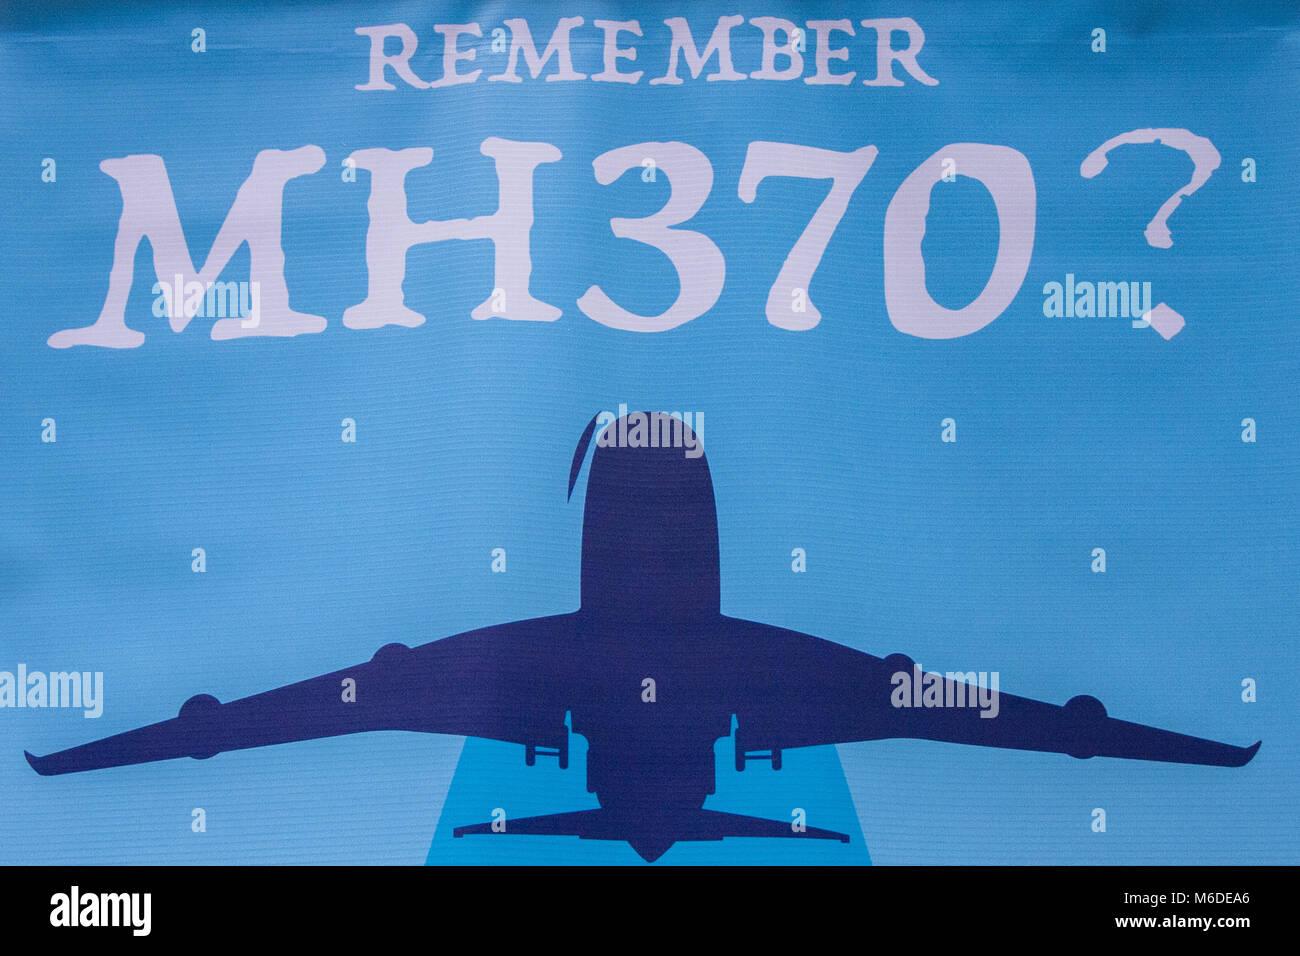 Kuala Lumpur, KL, Malaysia. 3 Mär, 2018. Ein MH370 Plakat an der 4. jährlichen MH370 Erinnerung Ereignis gesehen. Hunderte Menschen mussten bei der 'Erinnere Dich MH370 gesammelt? Es ist nicht Geschichte, sie ist unsere Zukunft'' ist das 4. jährliche MH370 Erinnerung Veranstaltung von VOICE 370 MH 370 Familie Support Group an Publika, Kuala Lumpur am 3. März 2018 statt. Credit: ZUMA Press, Inc./Alamy leben Nachrichten Stockfoto